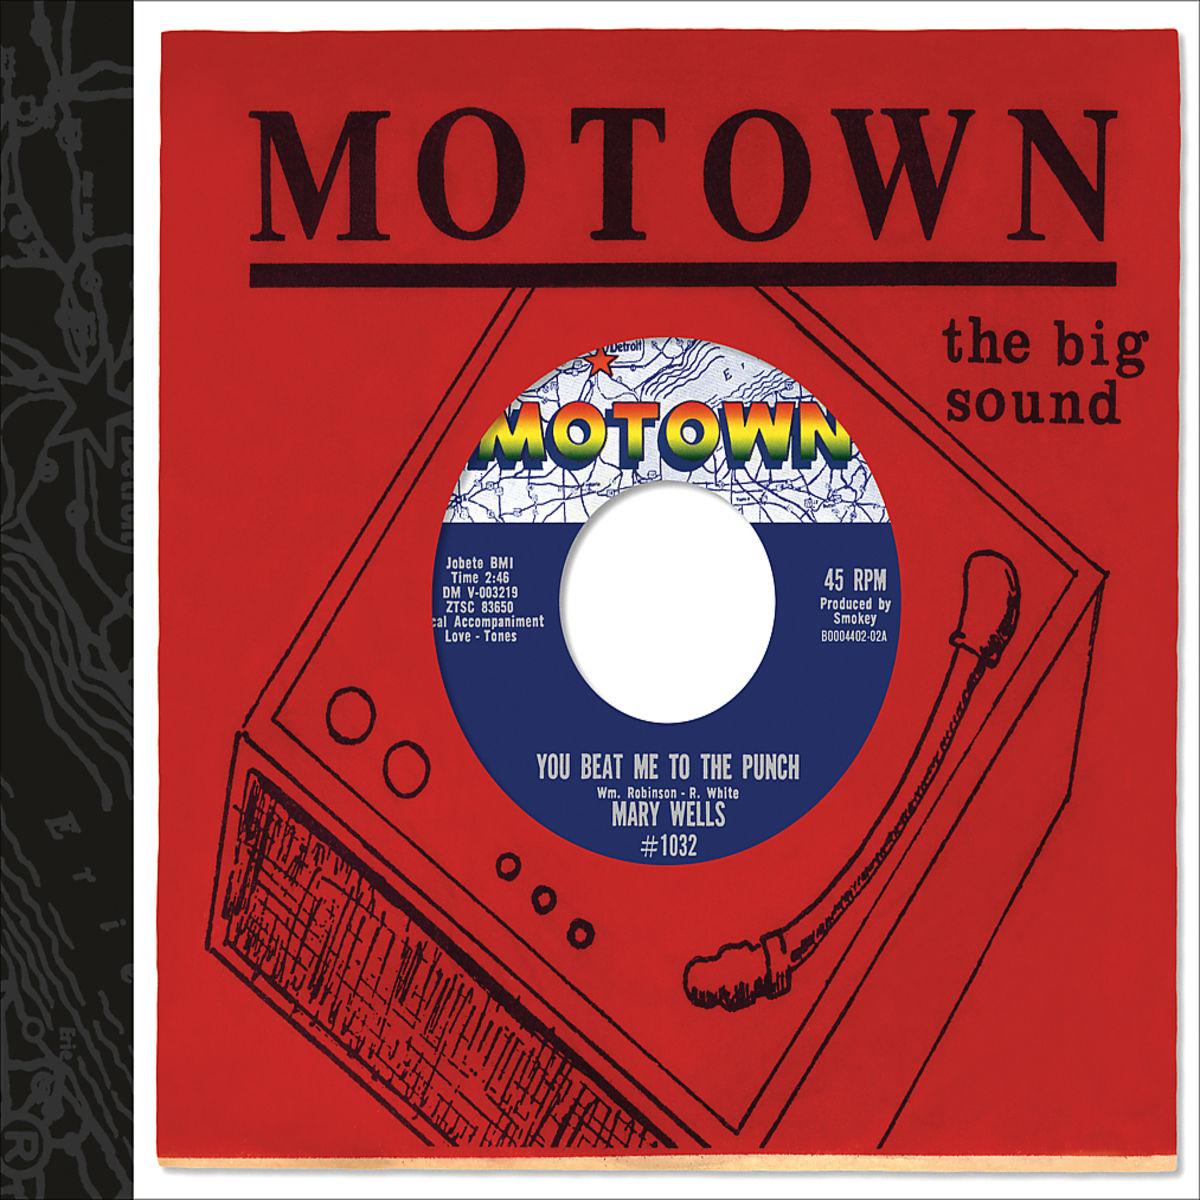 """Complete Motown Singles 1962 - Box mit 4 CDs und Vinyl 7"""" (4,95 € VSK, ab 80 € VSK frei)"""